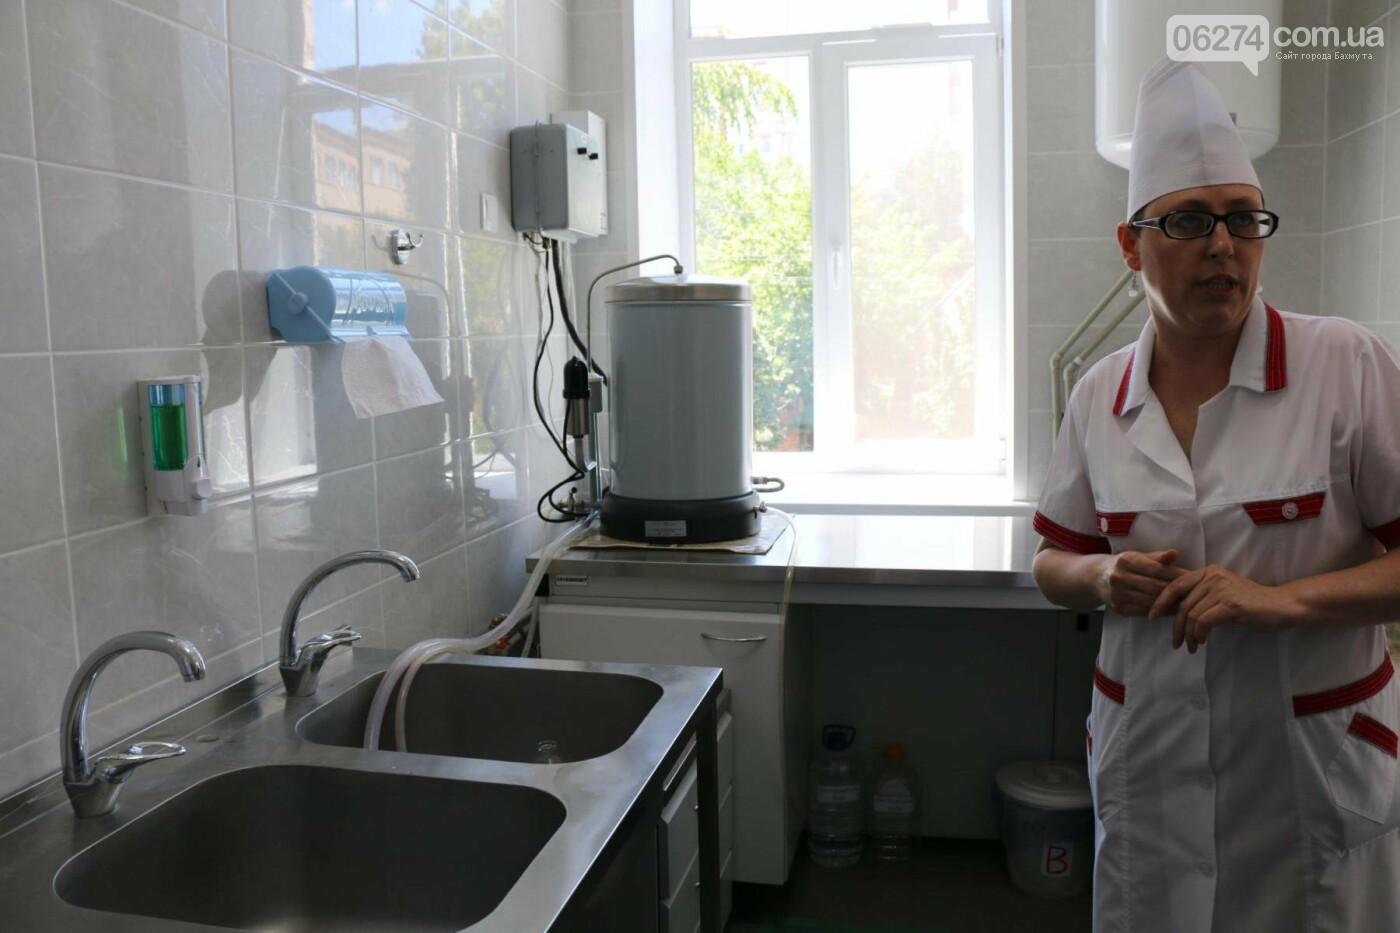 В Бахмуте презентовали современную бактериологическую лабораторию, фото-18